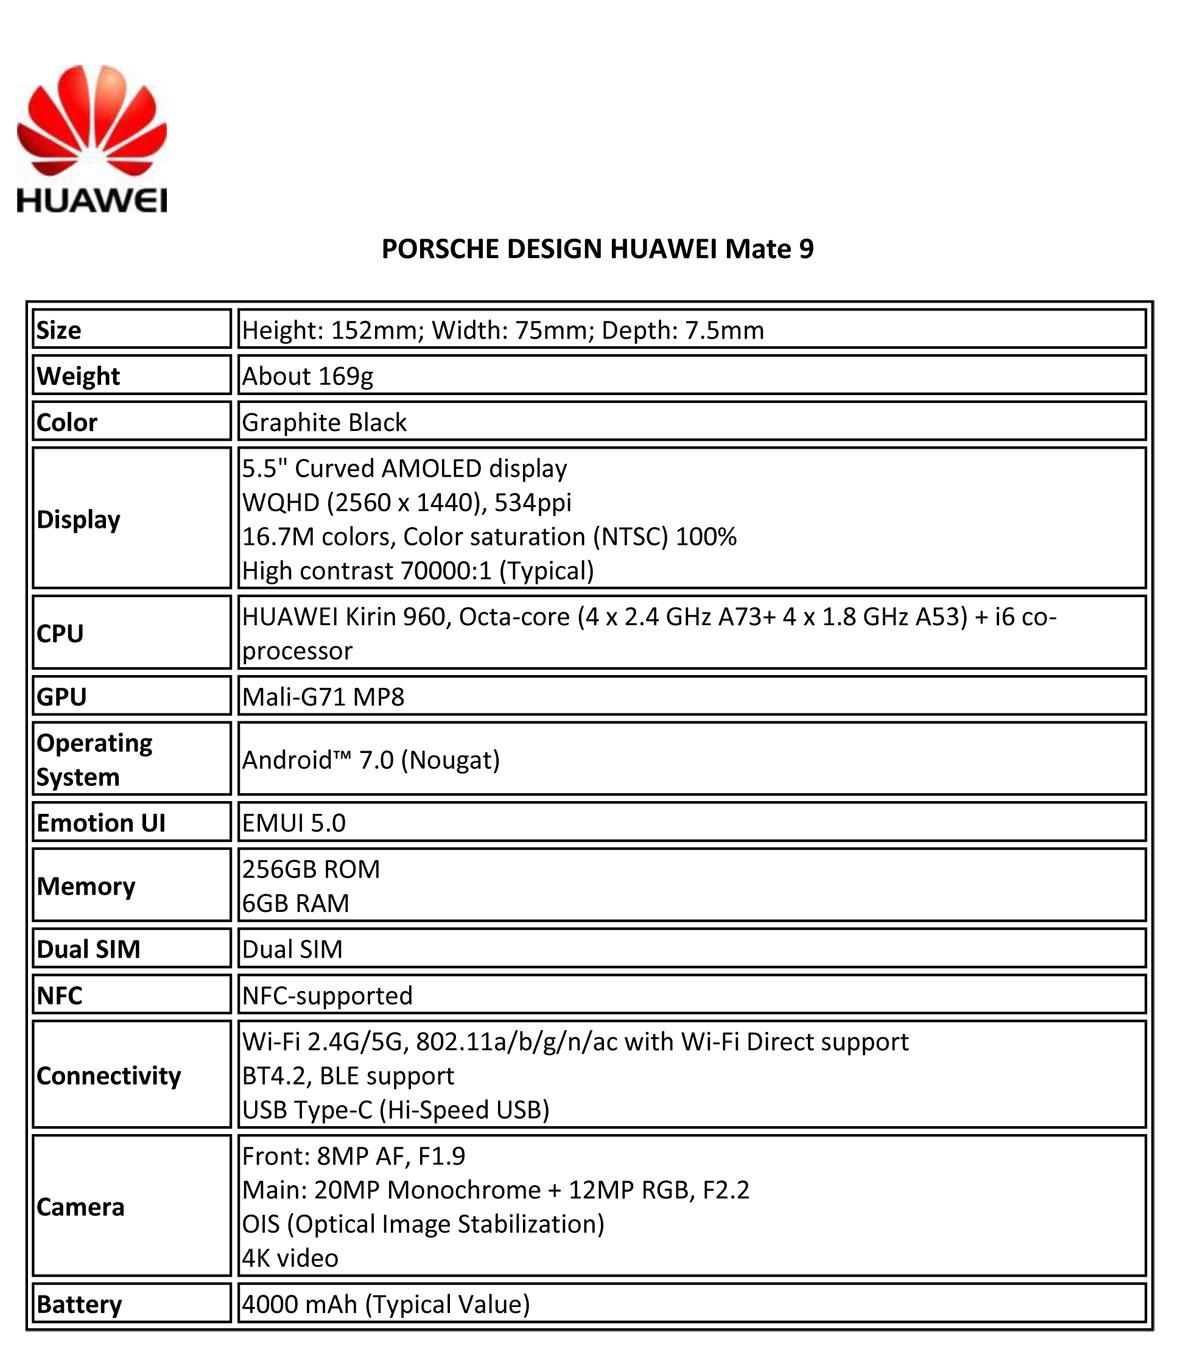 Huawei Mate 9, Porsche Design: fiche technique.